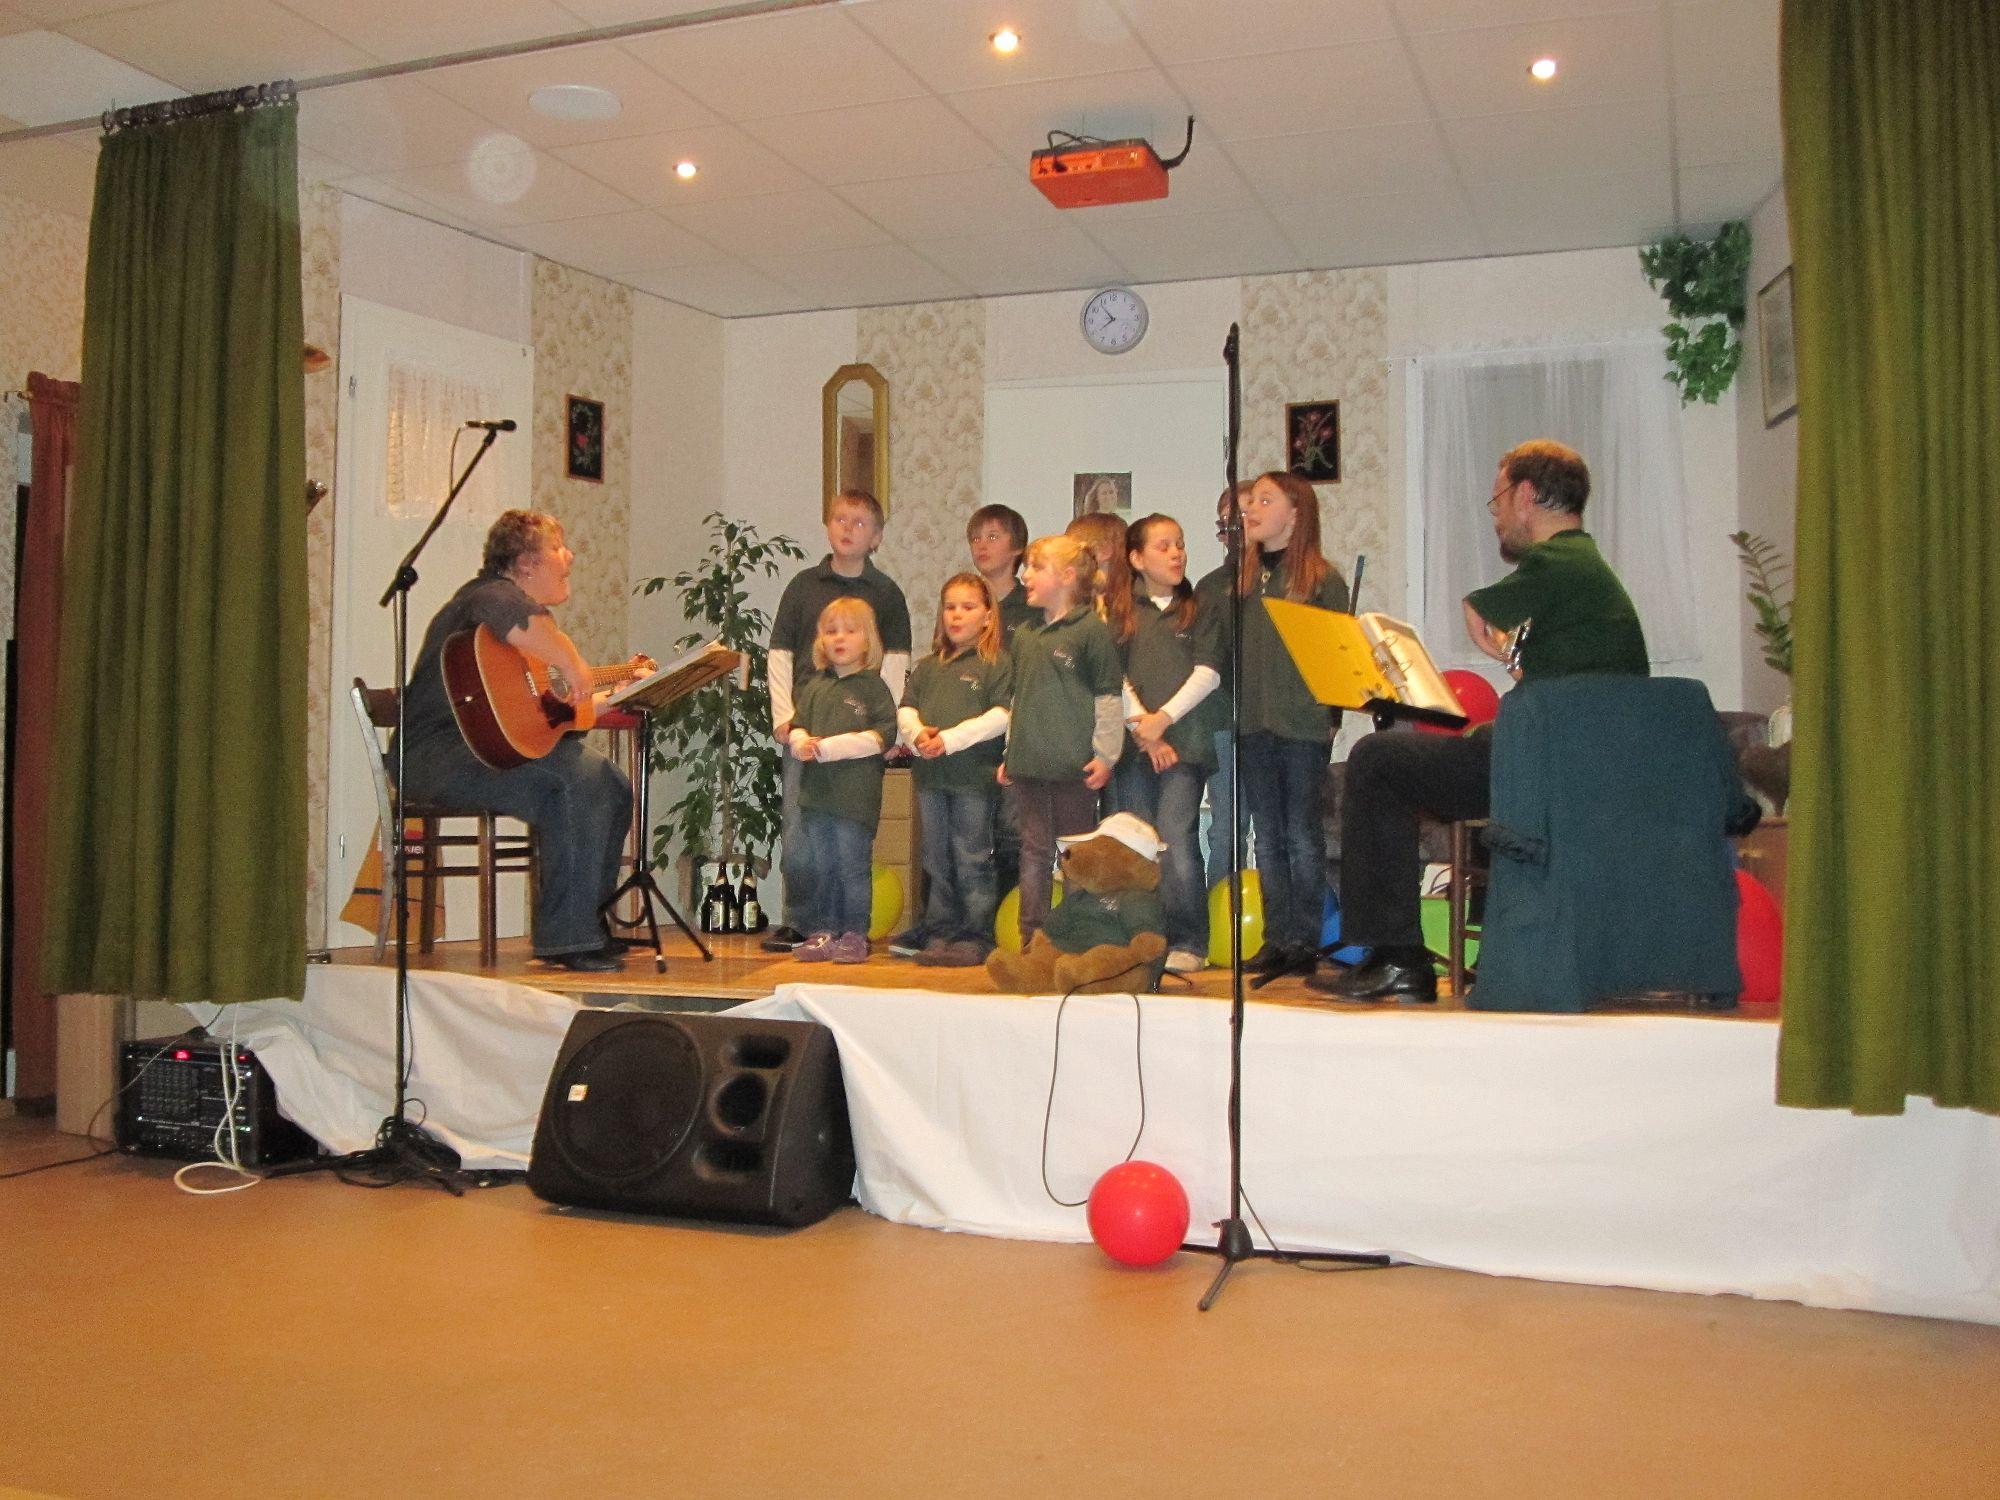 Auftritt zum Seniorennachmittag der AWO Nortorf im Markushaus am 15 April 2011